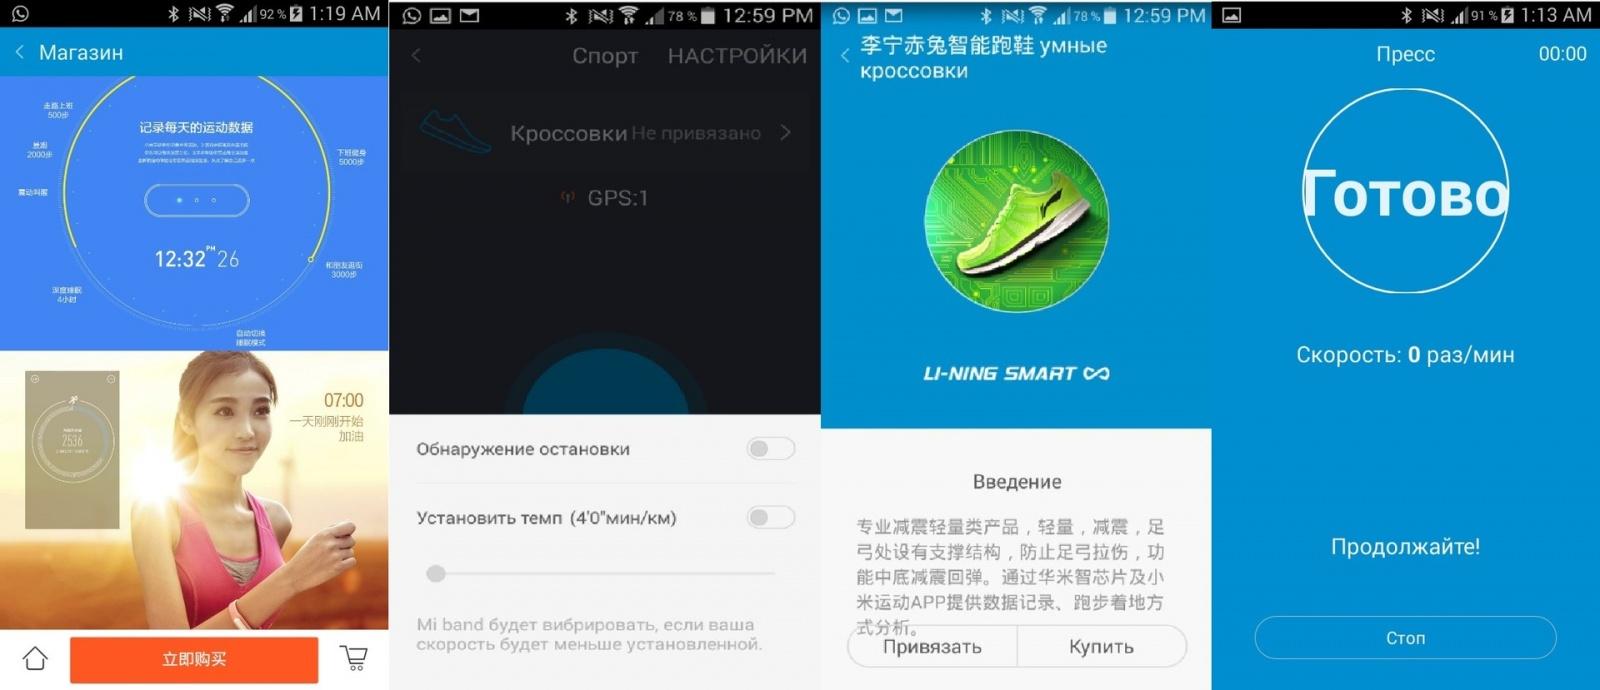 Xiaomi Mi Band. Территория фитнеса - 9